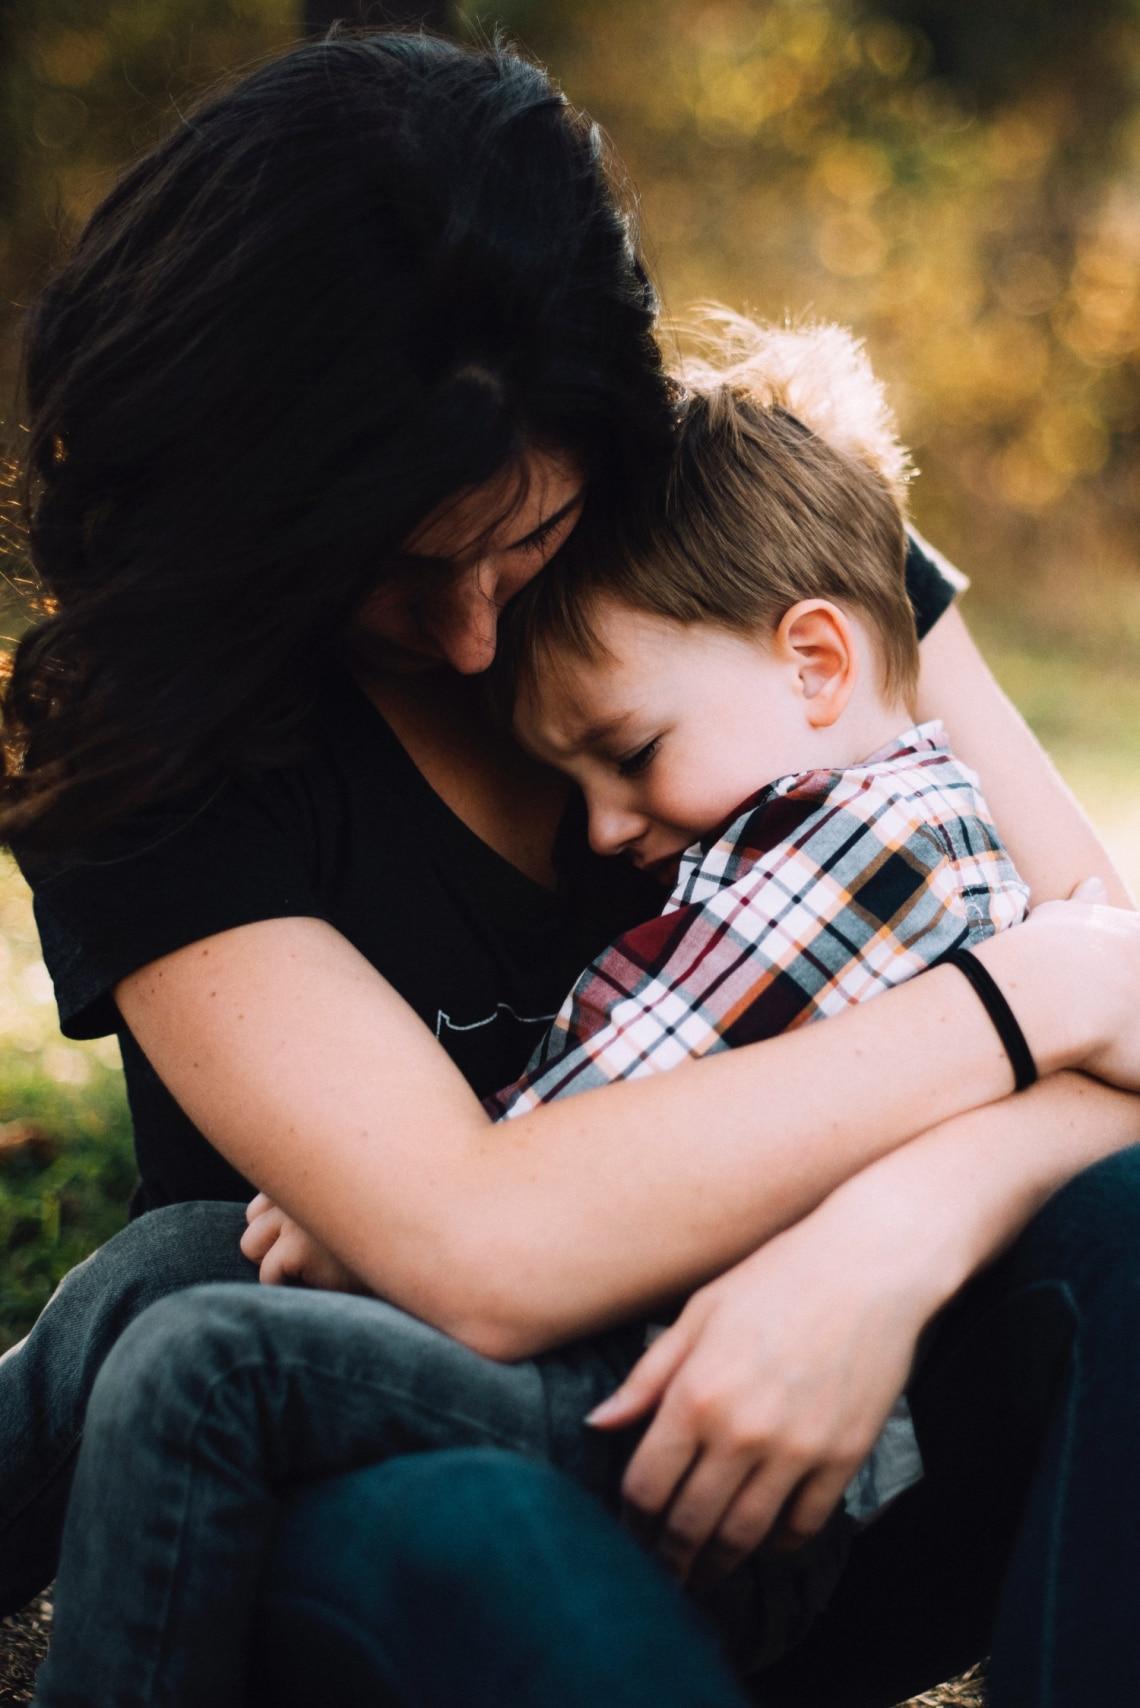 Szorong a gyerek? Nyugtasd meg ezzel a 10 mondattal